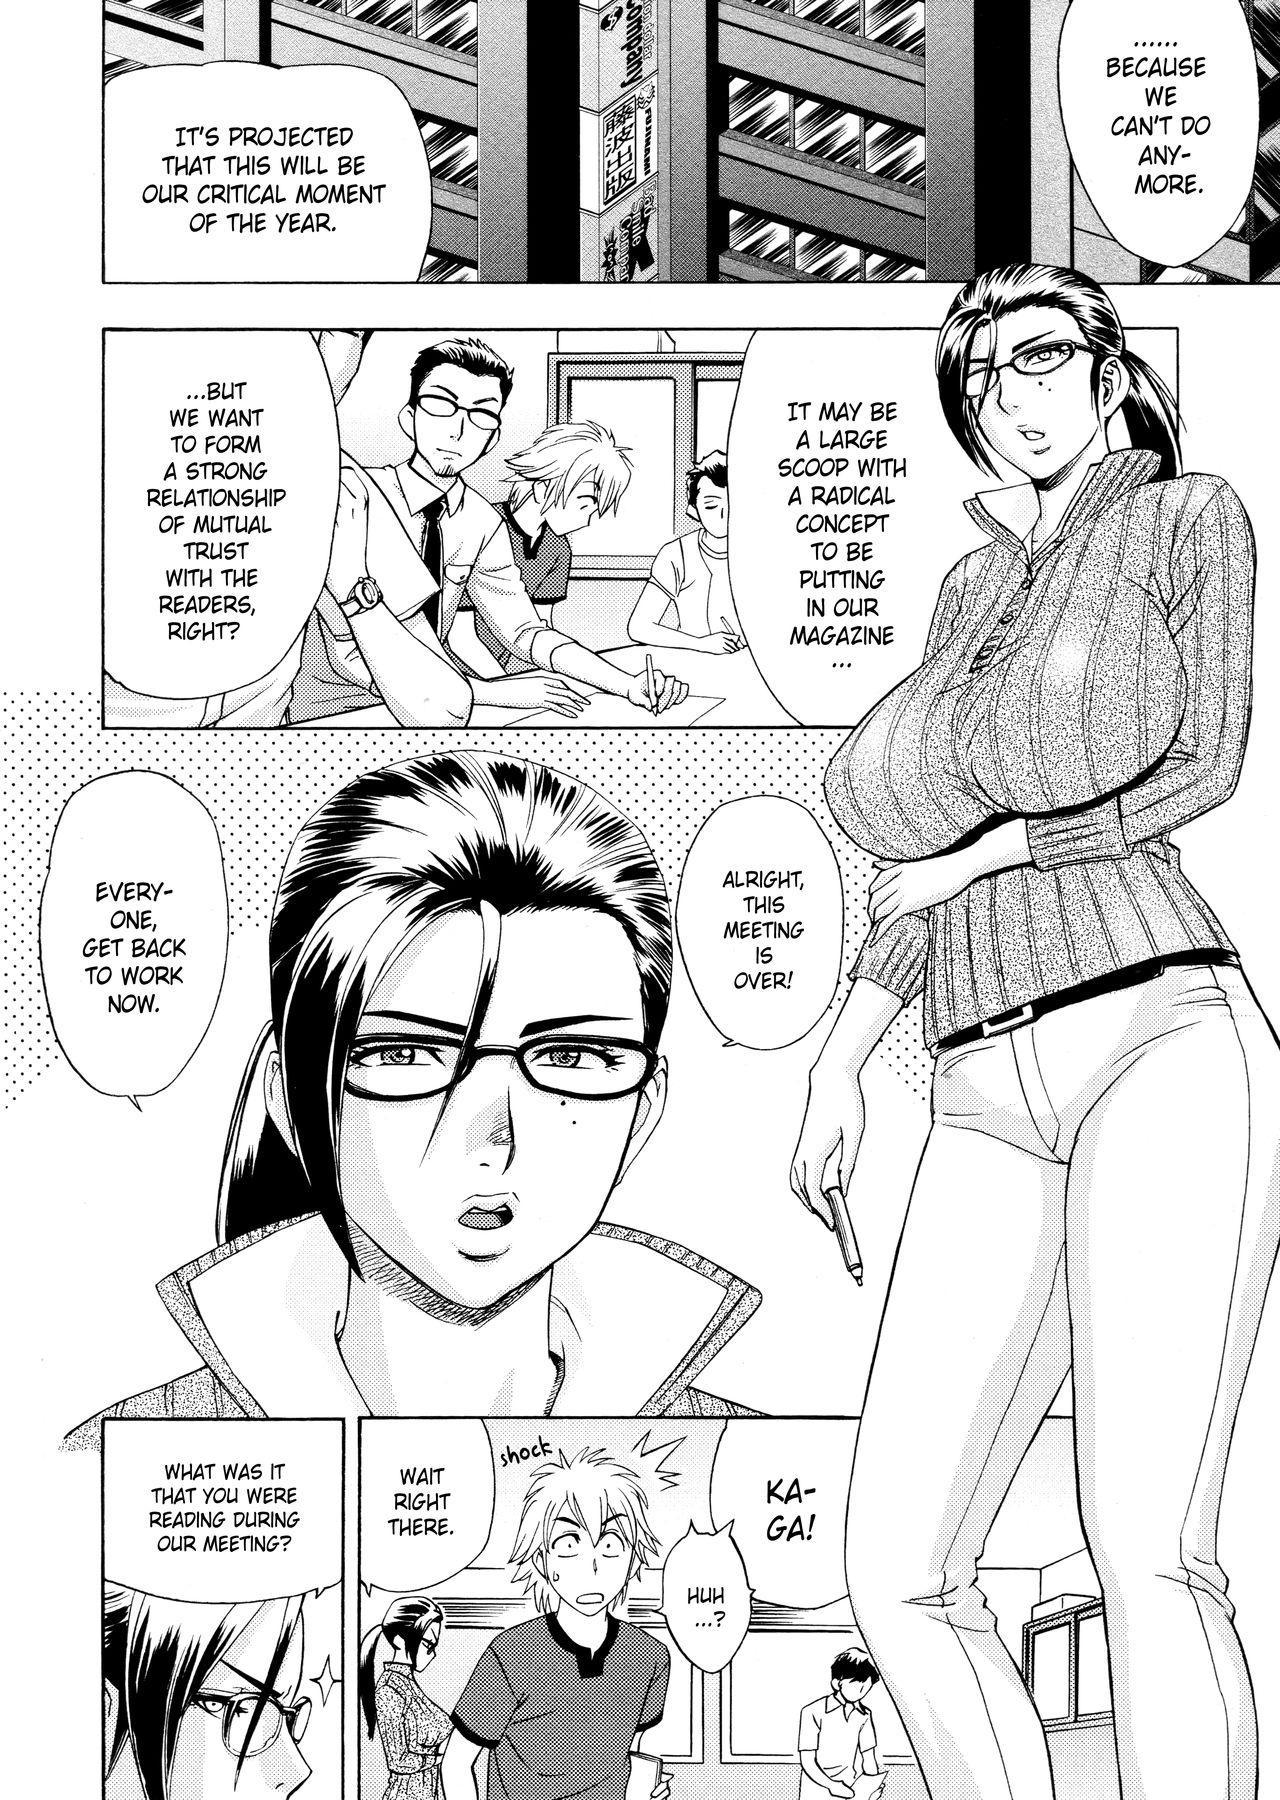 [Tatsunami Youtoku, Yamazaki Masato] Bijin Henshuu-chou no Himitsu | Beautiful Editor-in-Chief's Secret Ch. 1-4 [English] [Forbiddenfetish77, Red Vodka] [Decensored] 5